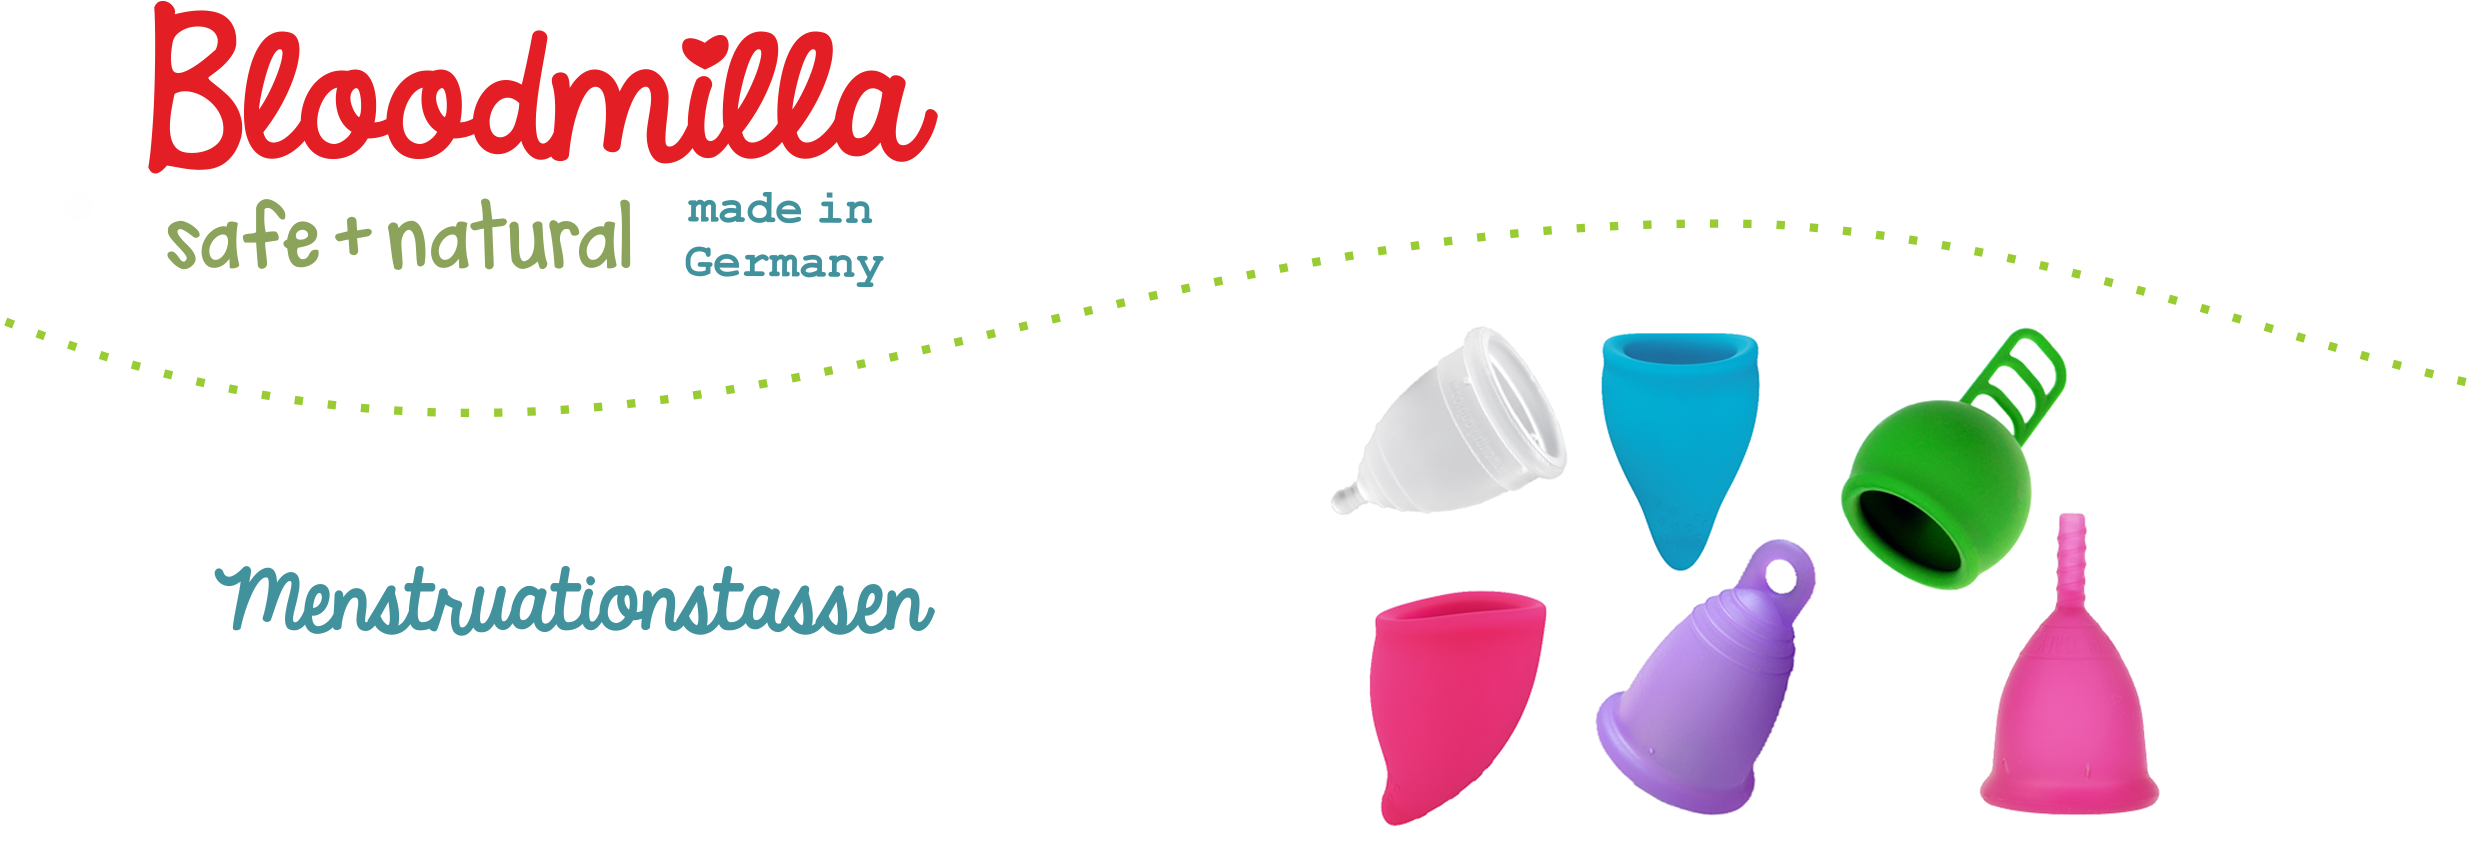 Blutigen tampon pad menstruation verwendet